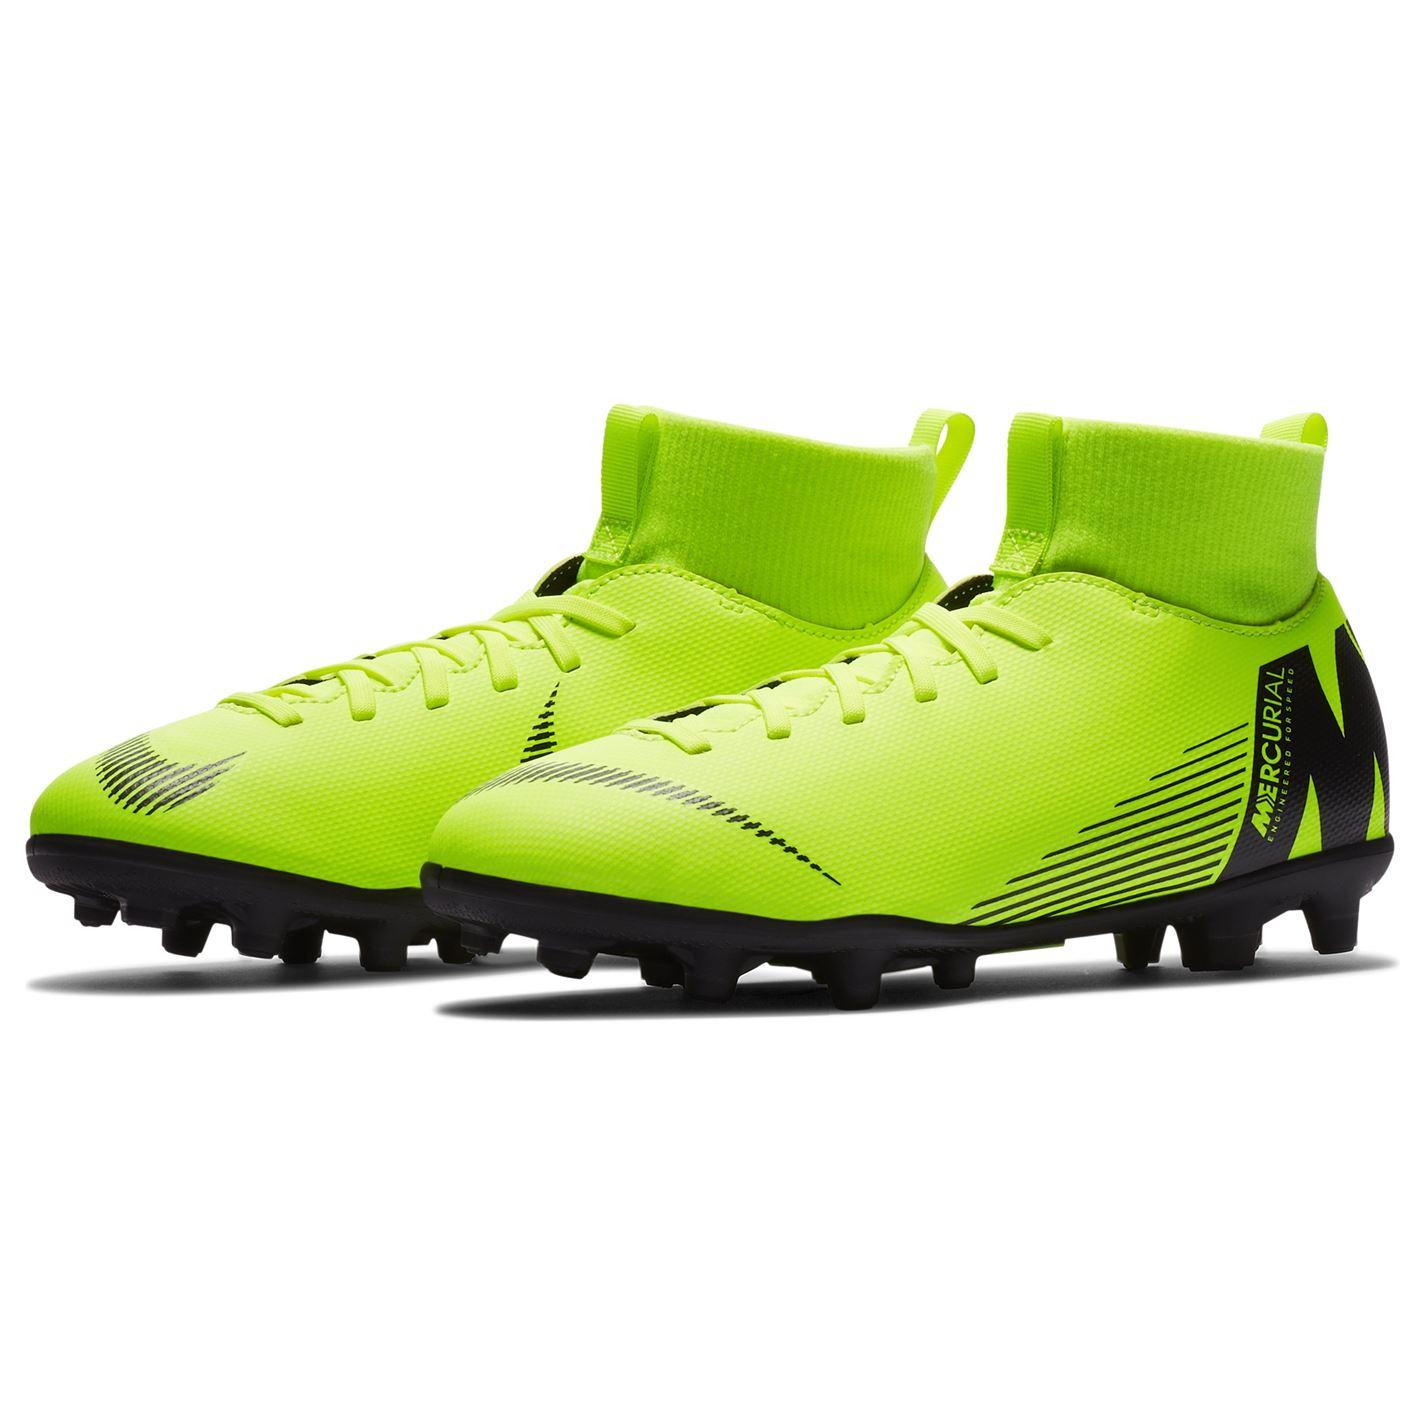 ... Nike Mercurial Superfly Club DF Dětské FG Dětské kopačky. -100 Kč Nové  ... 0c2425e928